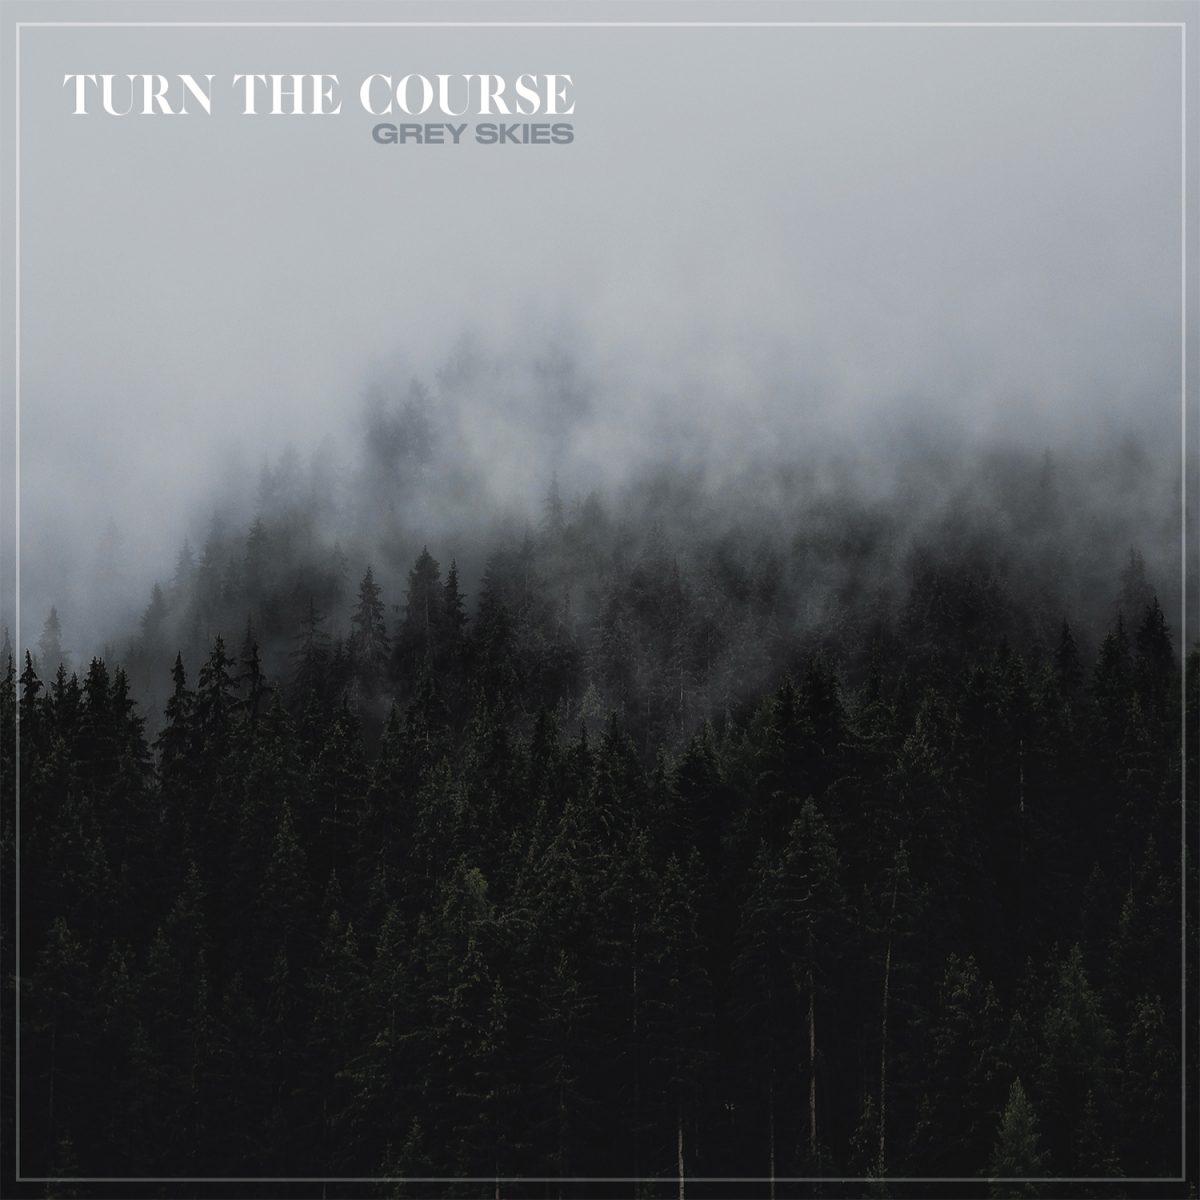 turn-the-course-grey-skies-abwechslungsreich-und-hart-ep-review